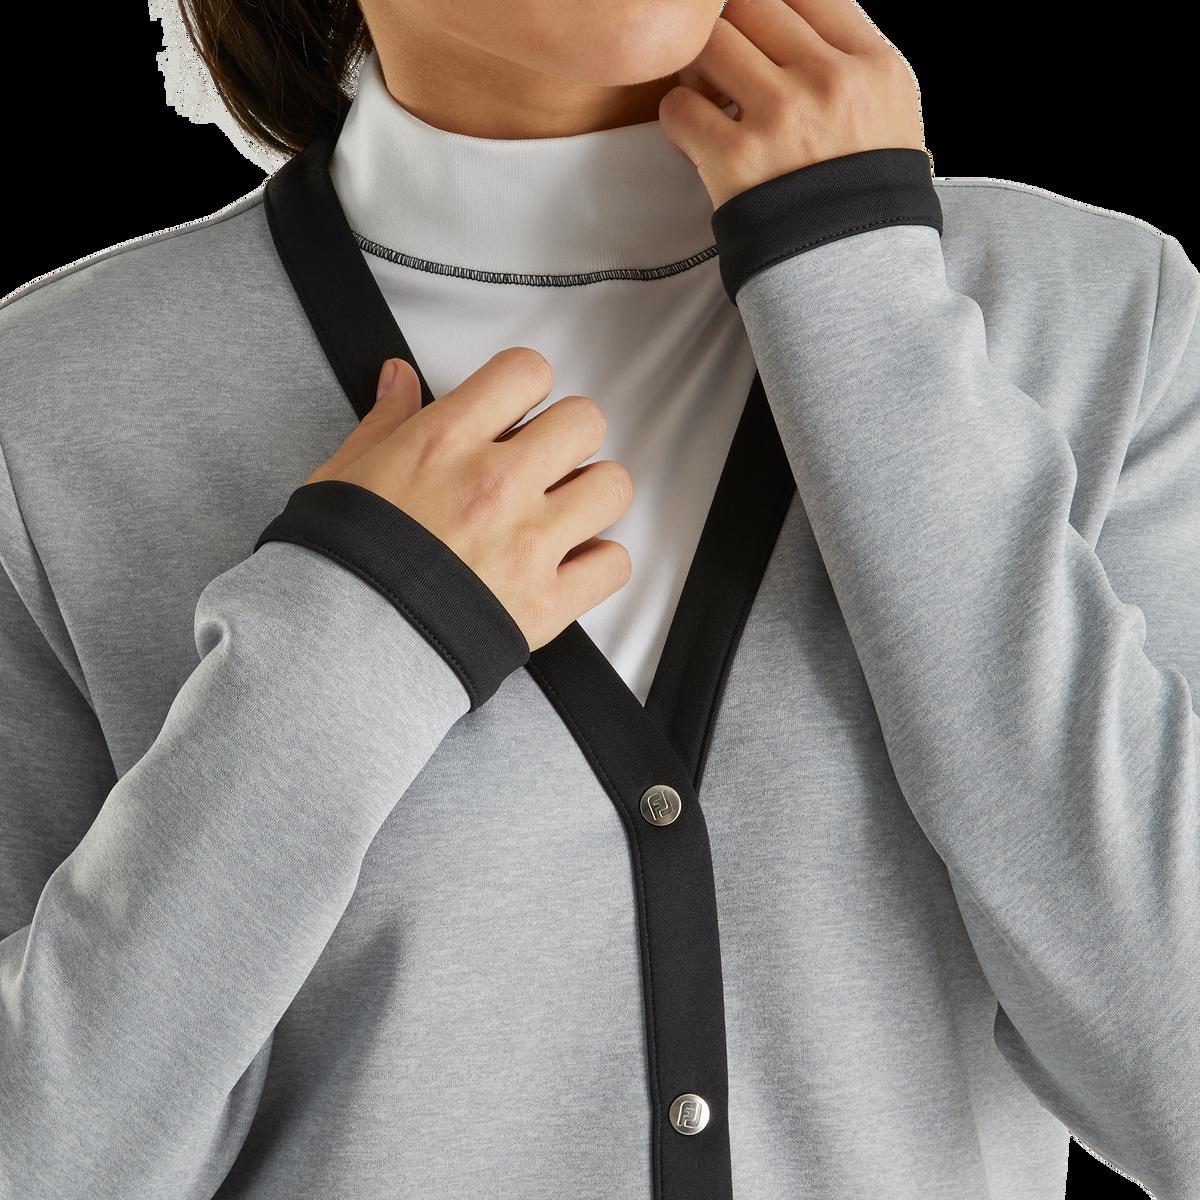 Double Jersey Knit Cardigan Women